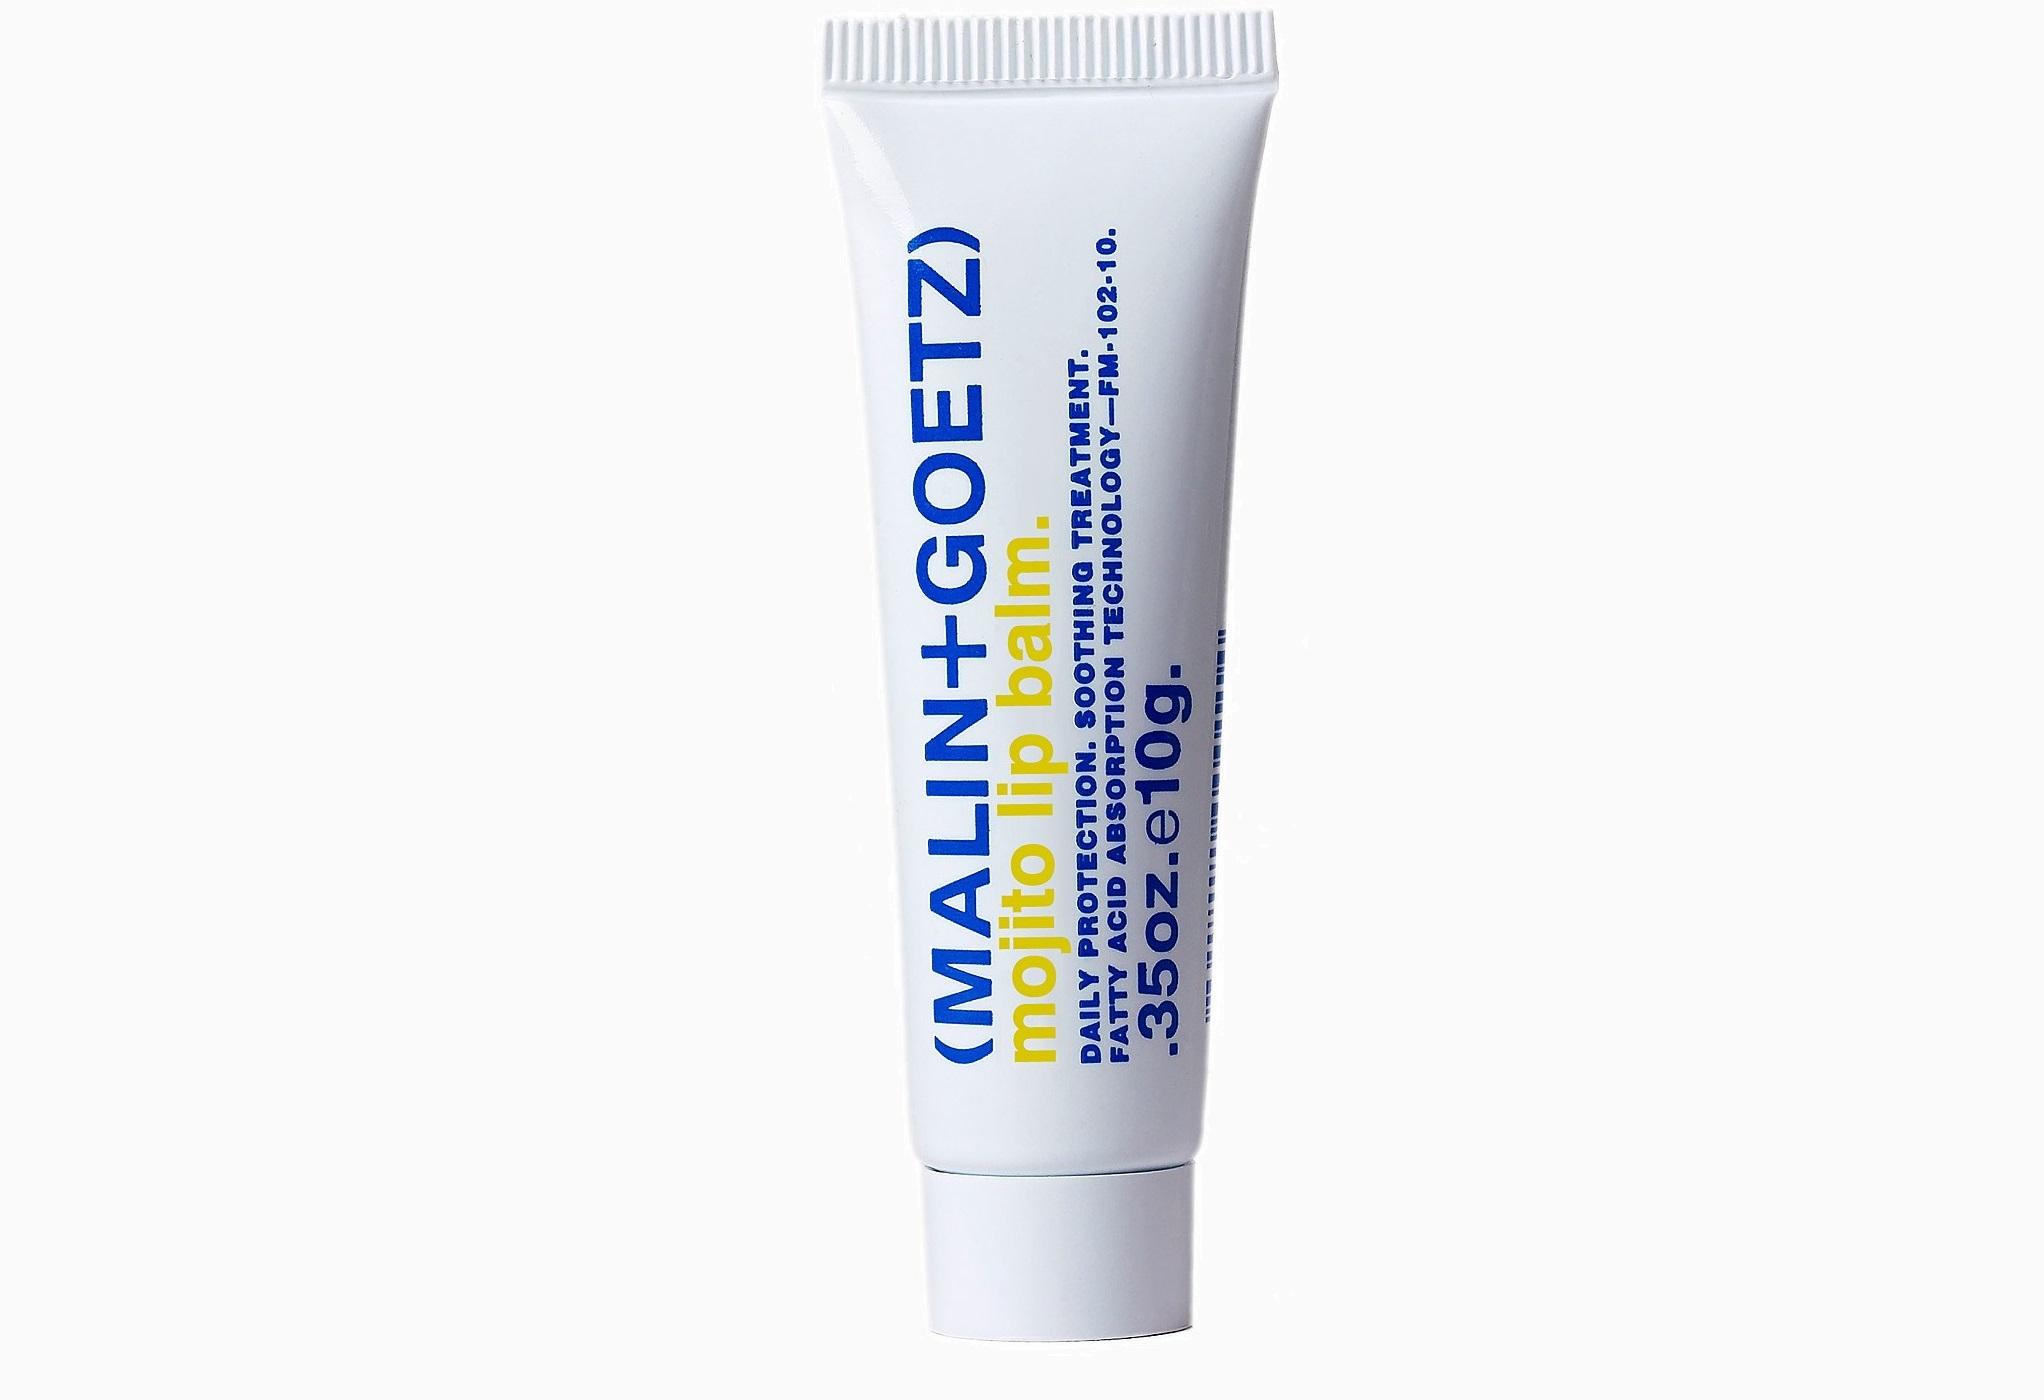 Бальзам для губ Malin Goetz Mojito Lip Balm от Malin Goetz 870 руб. 9 бальзамов для губ,<br /> без которых не обойтись в снежную метель